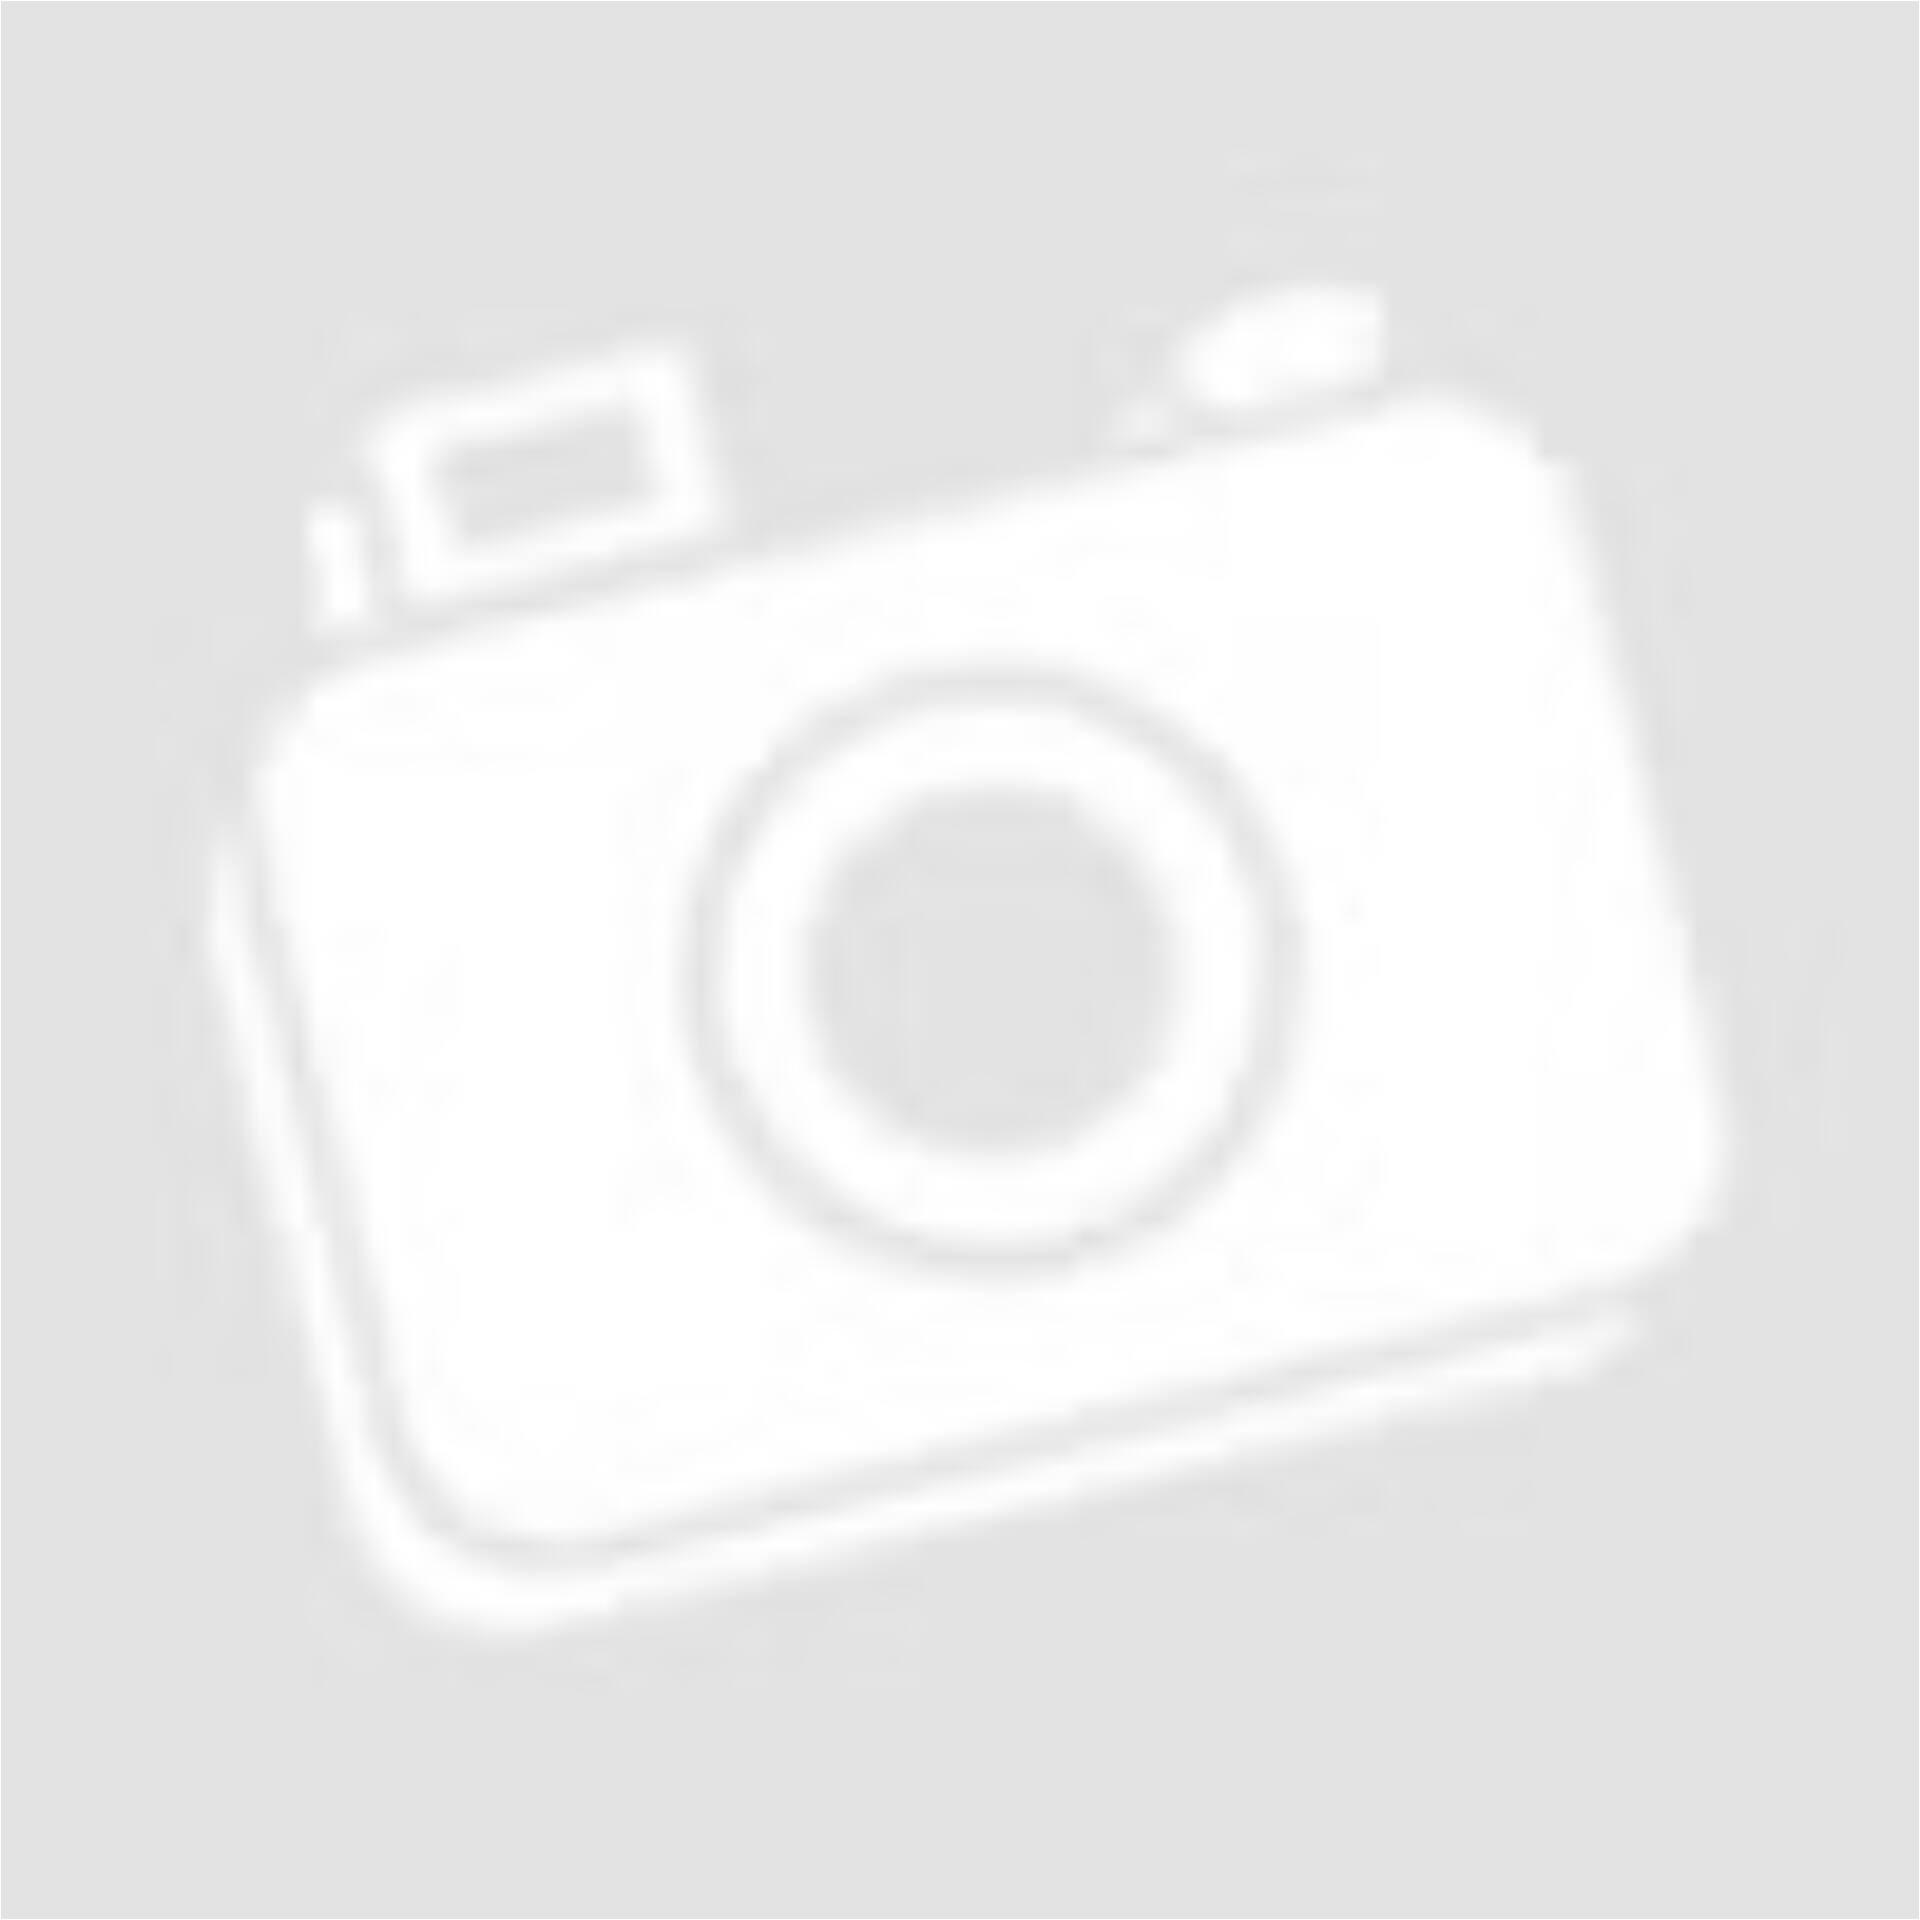 Tyúkláb mintás fekete fehér kabát (Méret  XL) - Női dzseki 490a5f2234